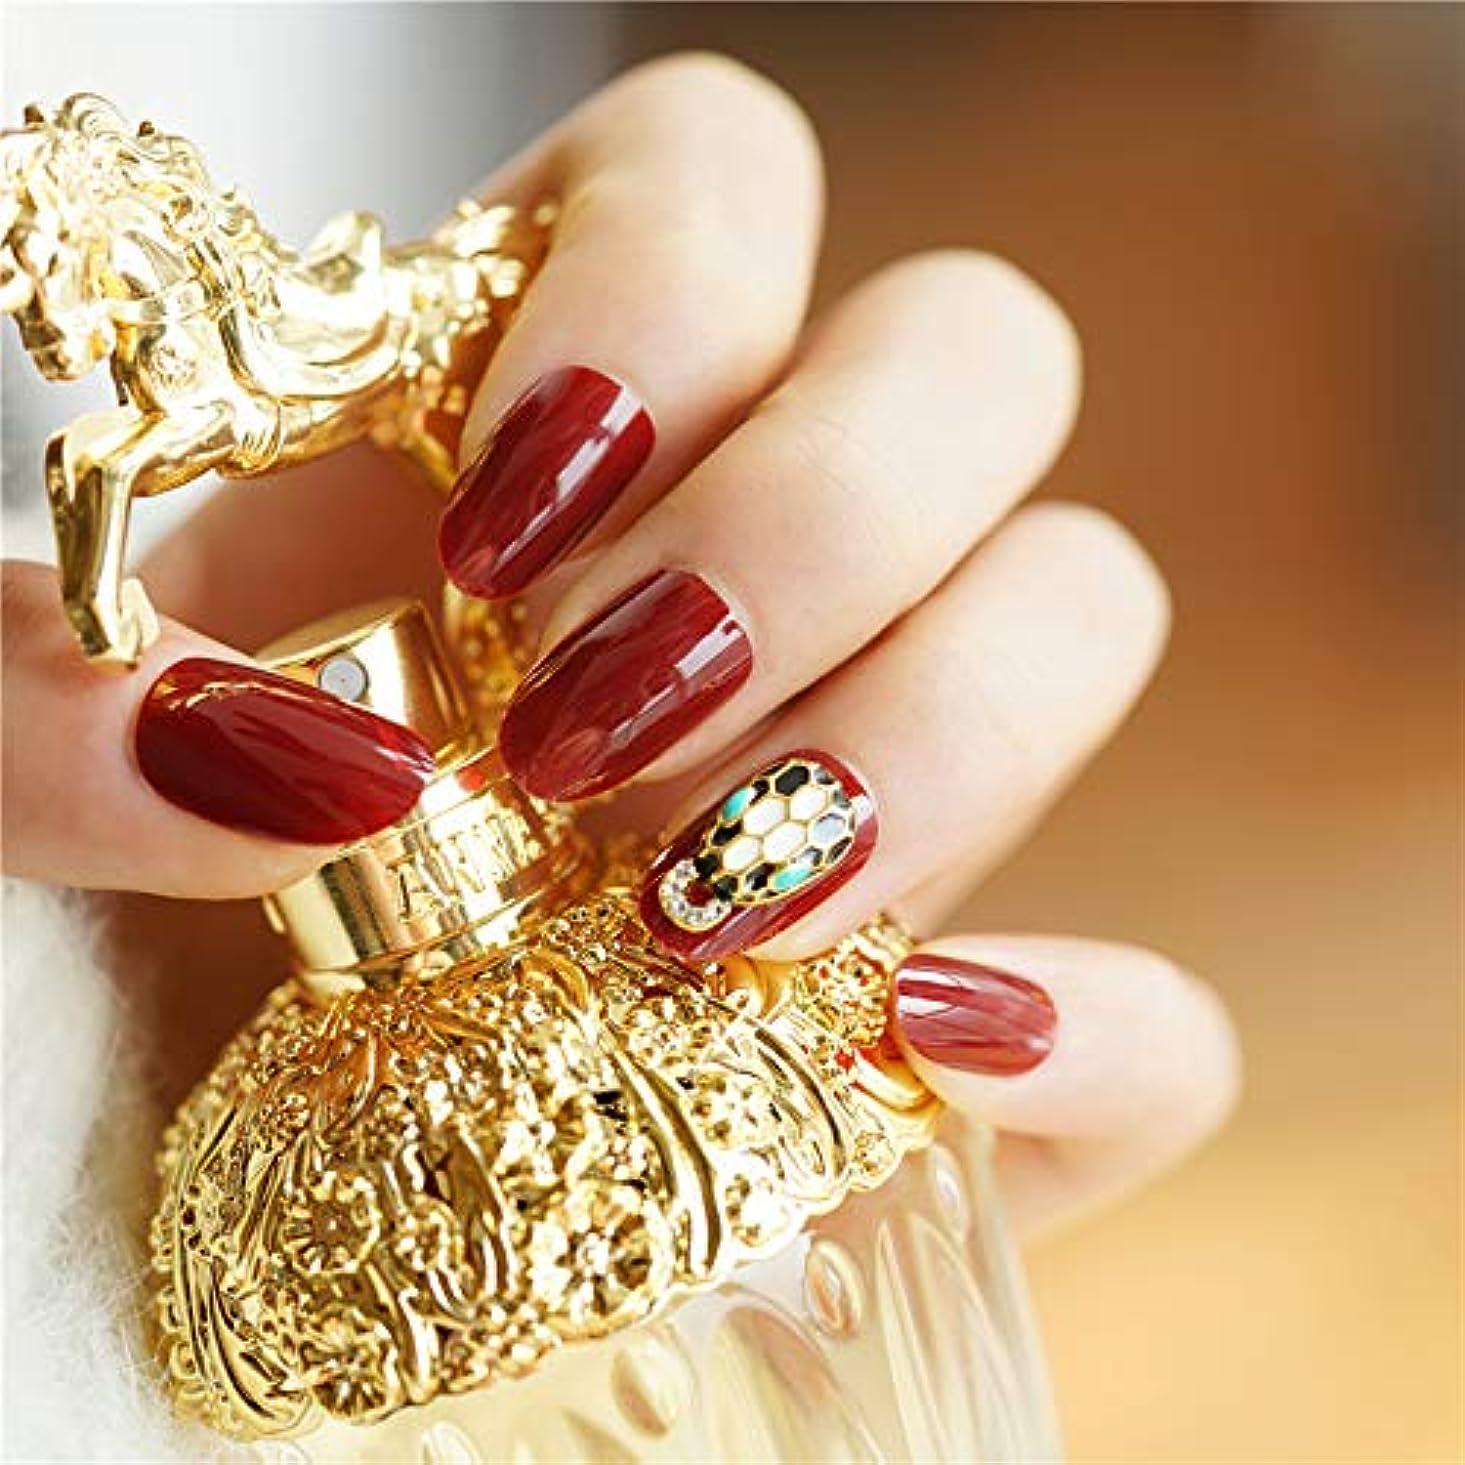 区回復ワーム24枚セット ネイルチップ 付け爪 お嫁さんつけ爪 ネイルシール 3D可愛い飾り 爪先金回し 水しいピンク色変化デザインネイルチップ (ワインレッド)